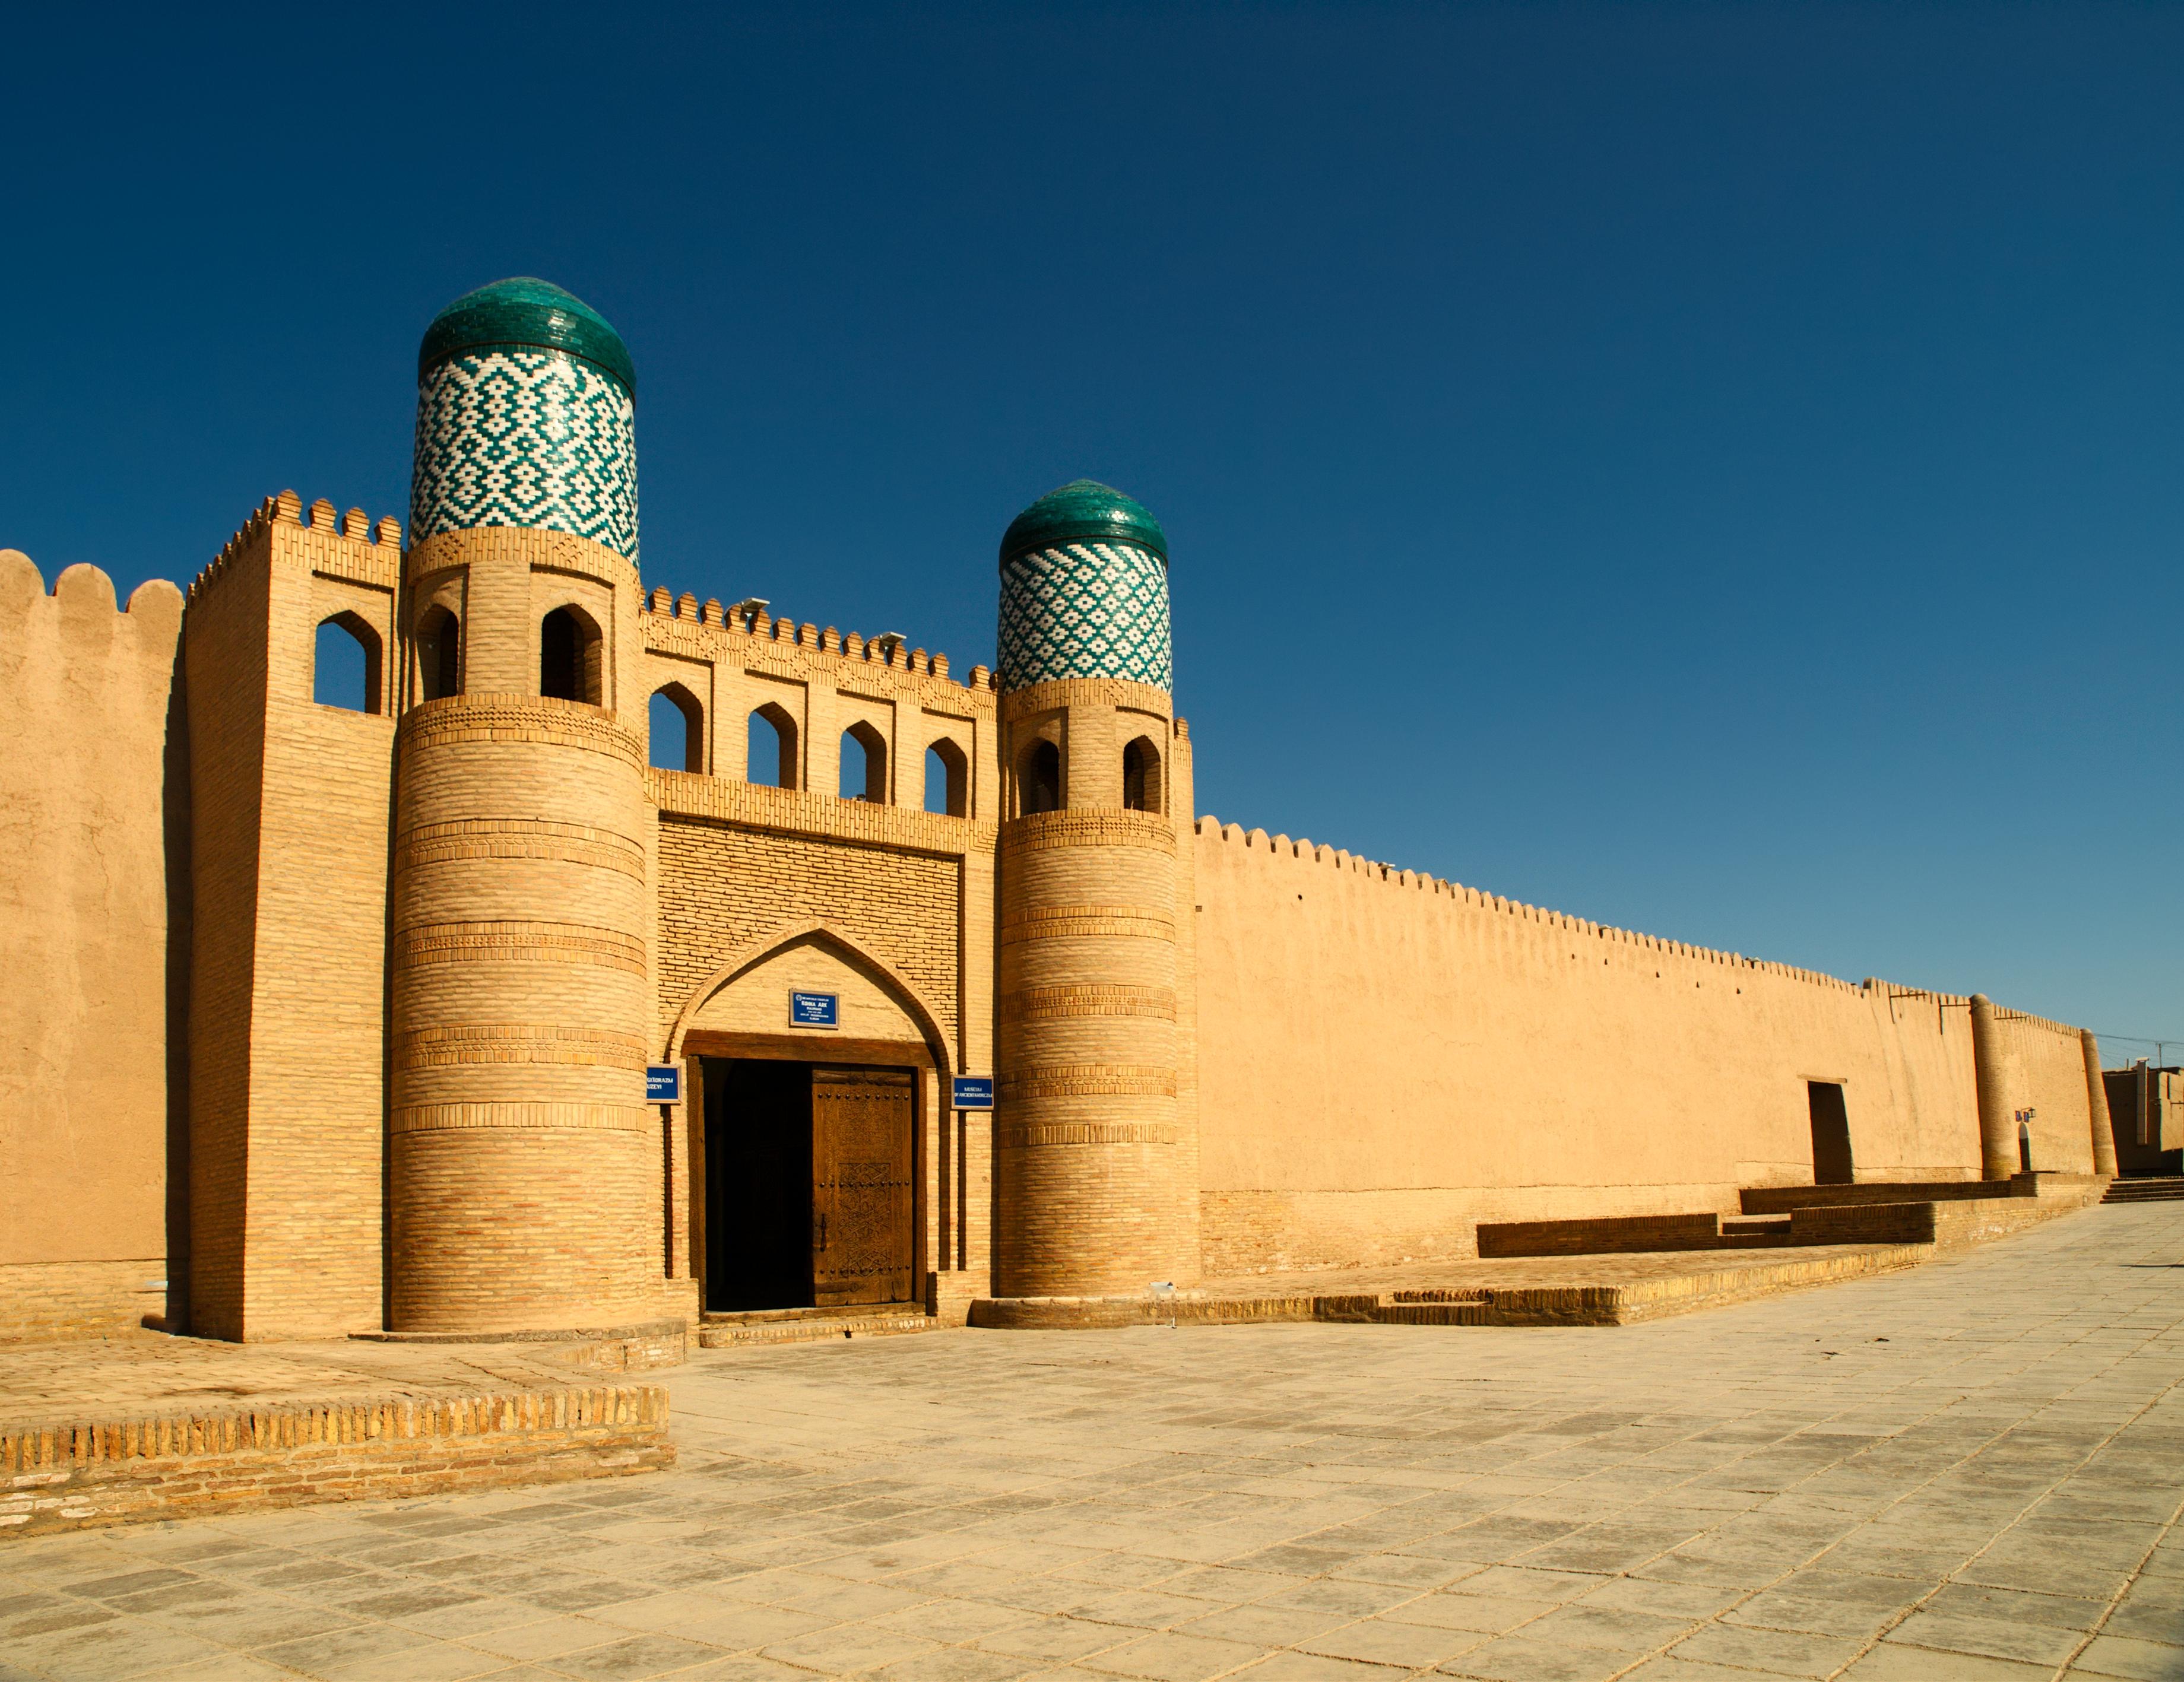 La ciudad antigua de Khiva: todo un lujo - Uzbekistán Gran Viaje Uzbekistán Imprescindible